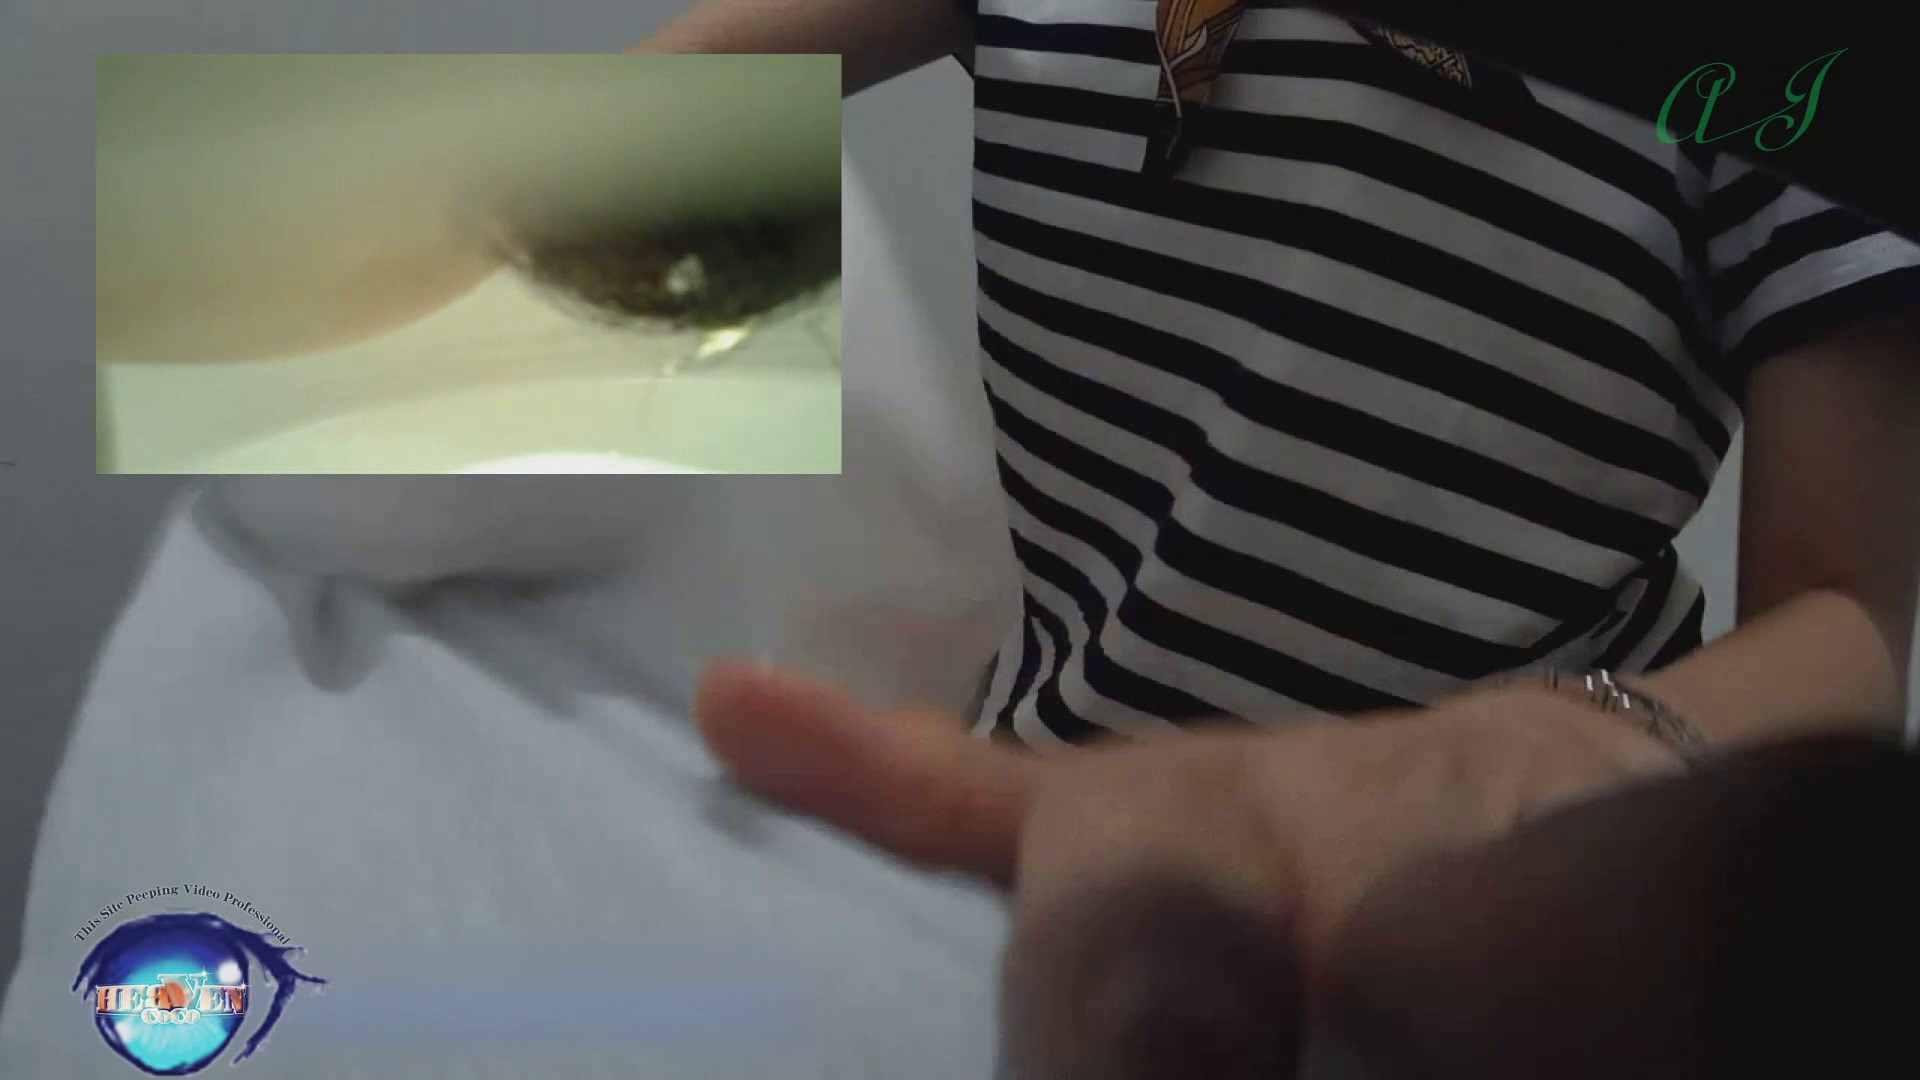 有名大学女性洗面所 vol.71 美女学生さんの潜入盗撮!前編 0 | 0  93連発 61